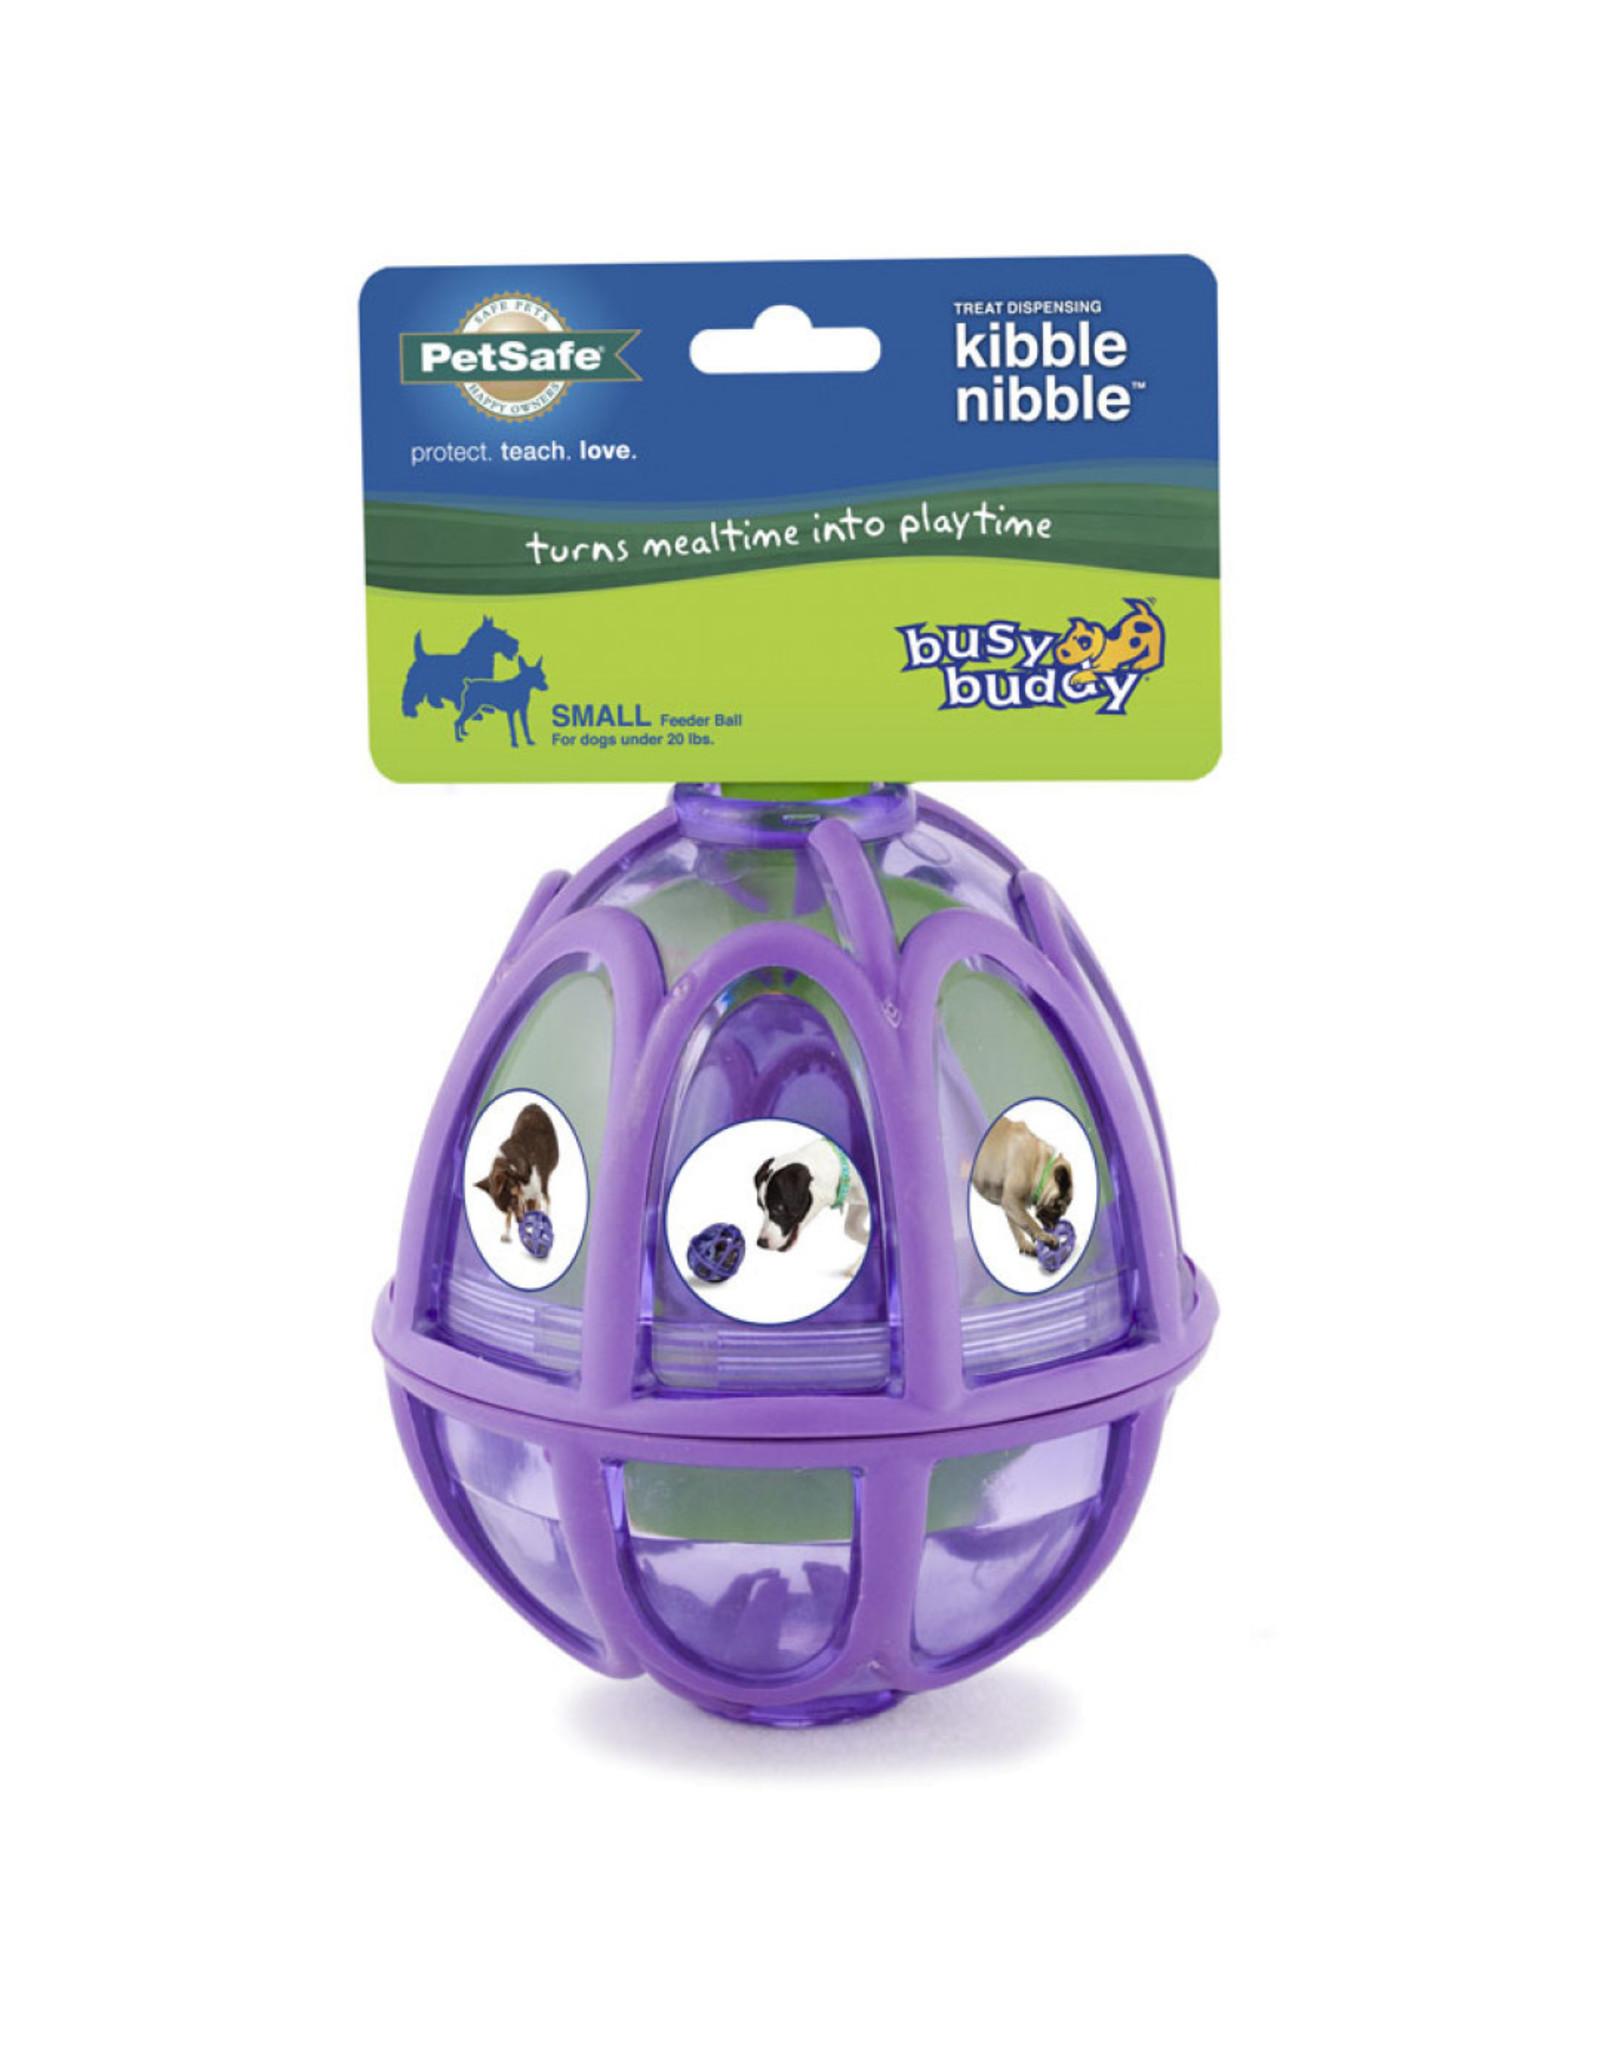 PetSafe PetSafe Busy Buddy Kibble Nibble